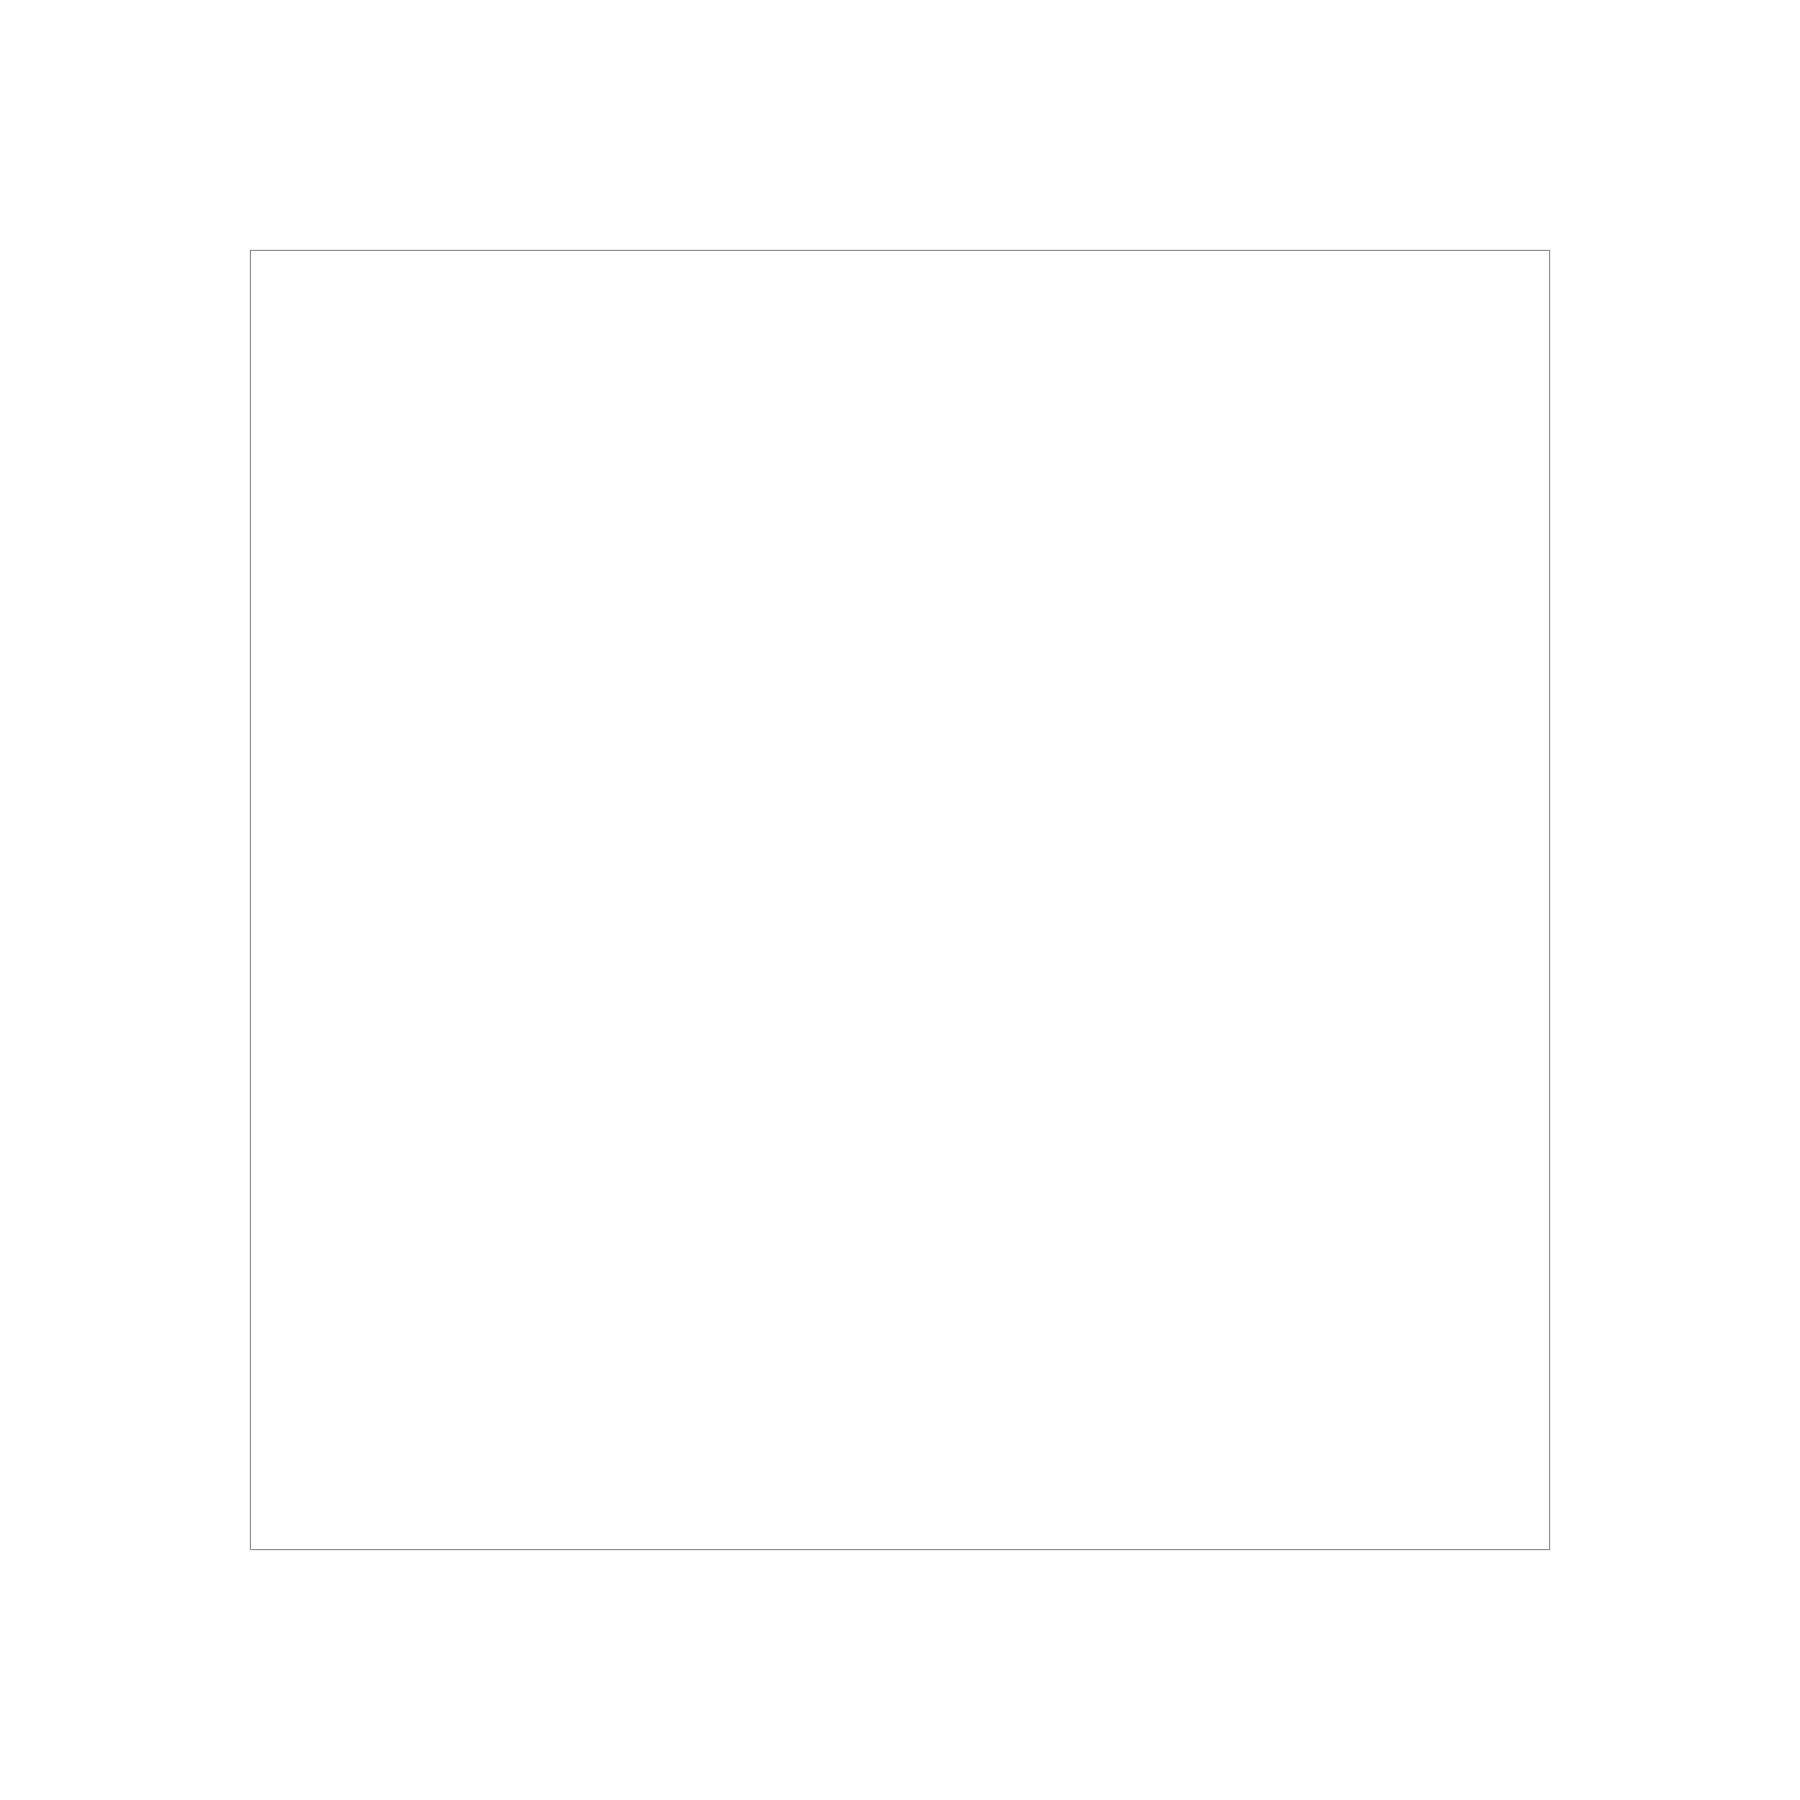 Vinilo termotranferible Brick® 600, hoja 30x50 cm Blanco